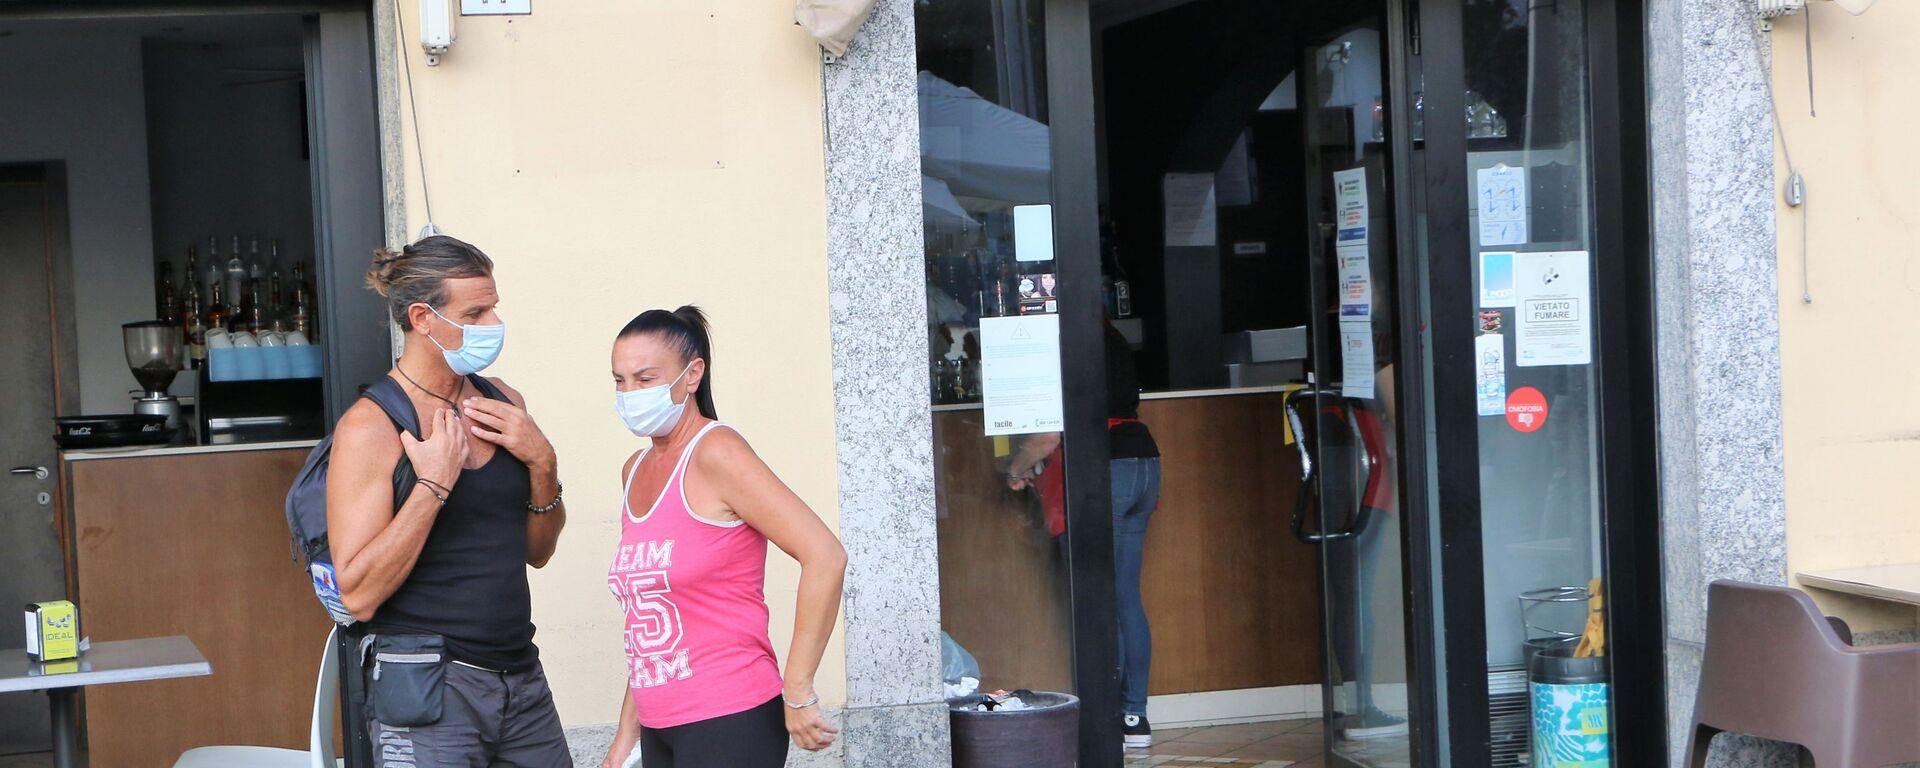 Coronavirus, le persone indossano le mascherine protettive in Italia - Sputnik Italia, 1920, 19.06.2021